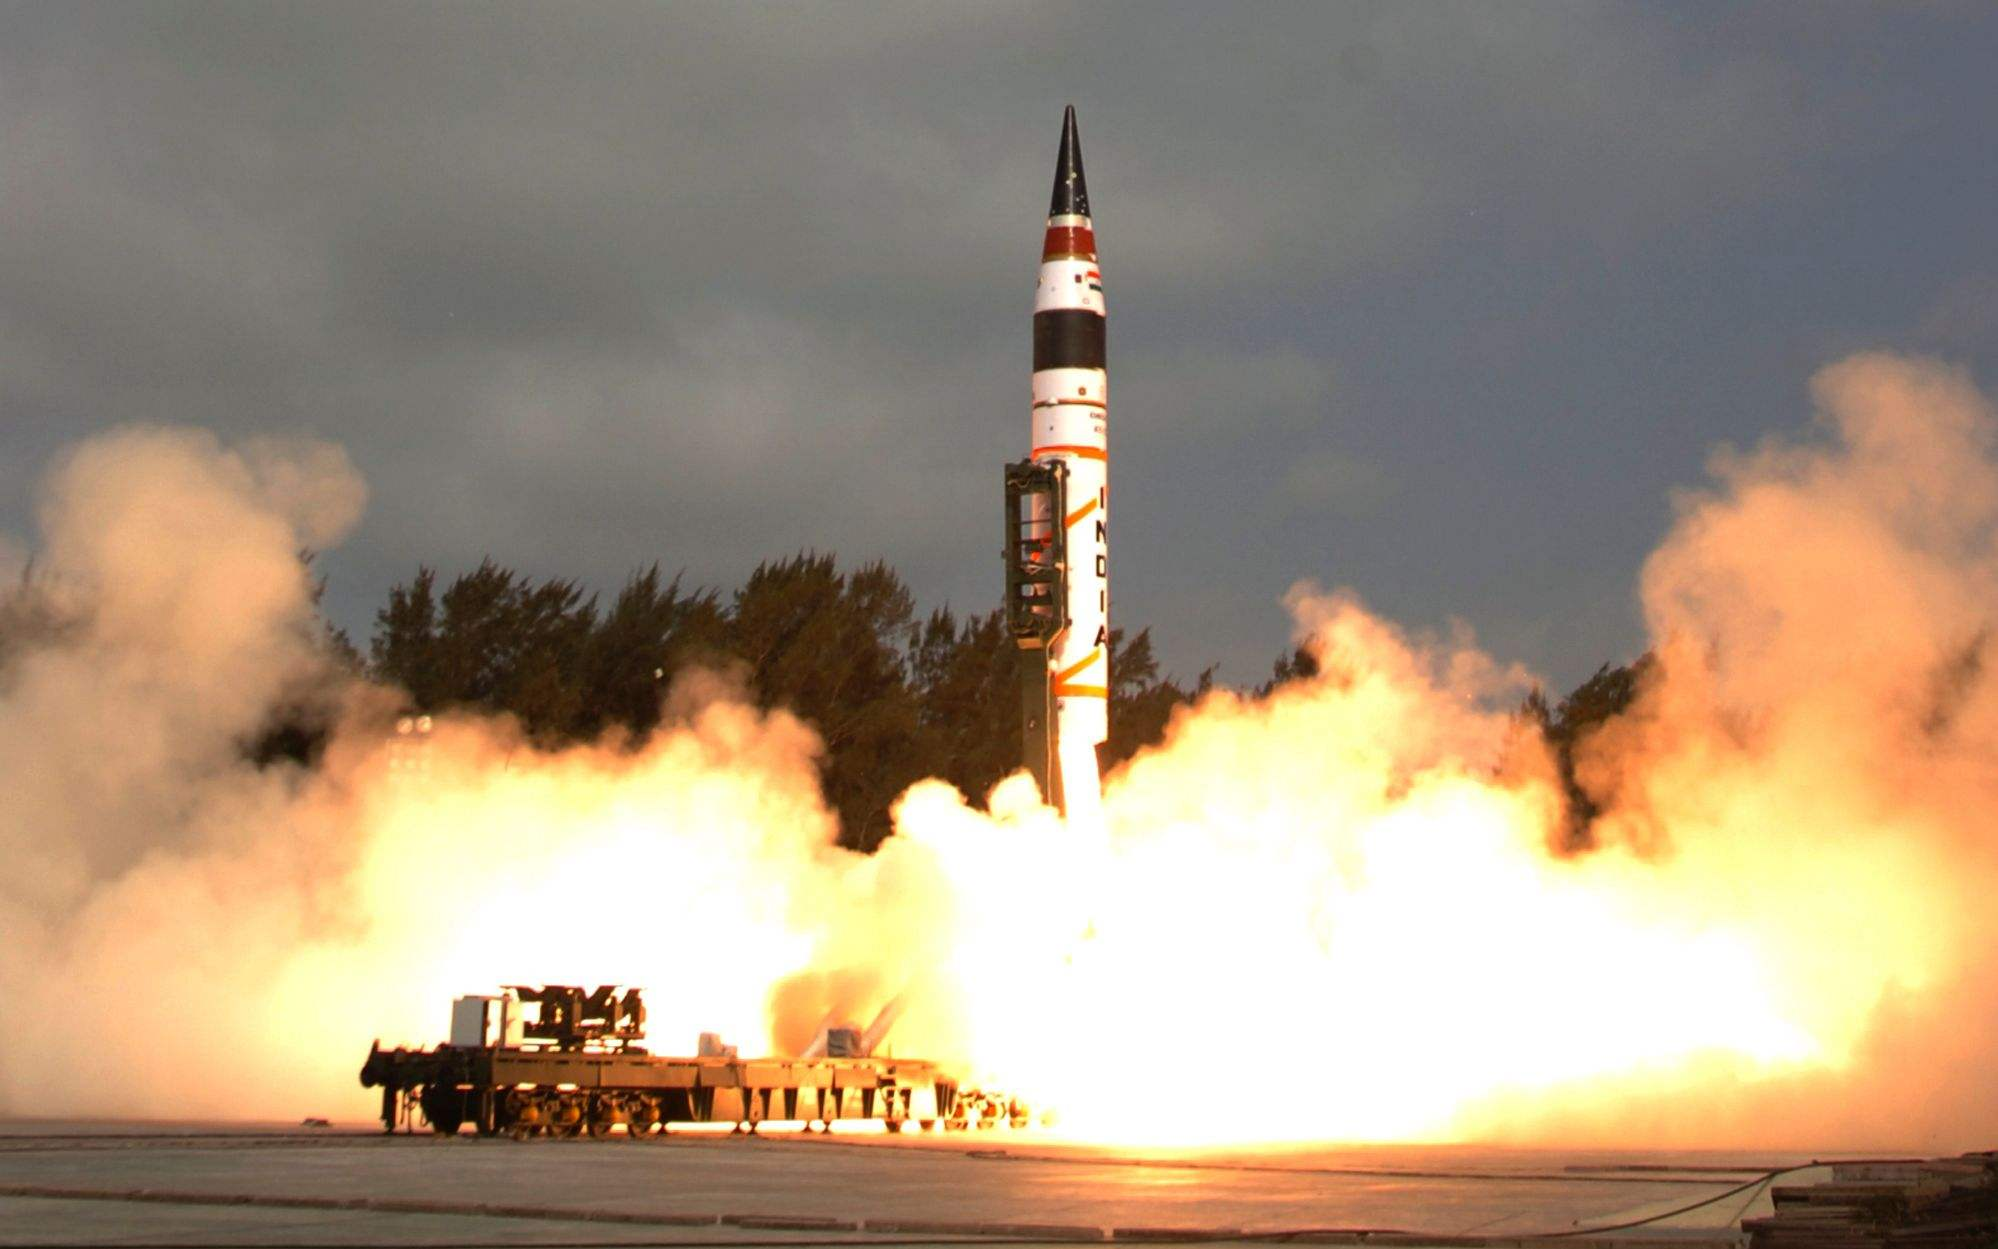 印度成功试射洲际导弹 疑似装备前最后一次试射